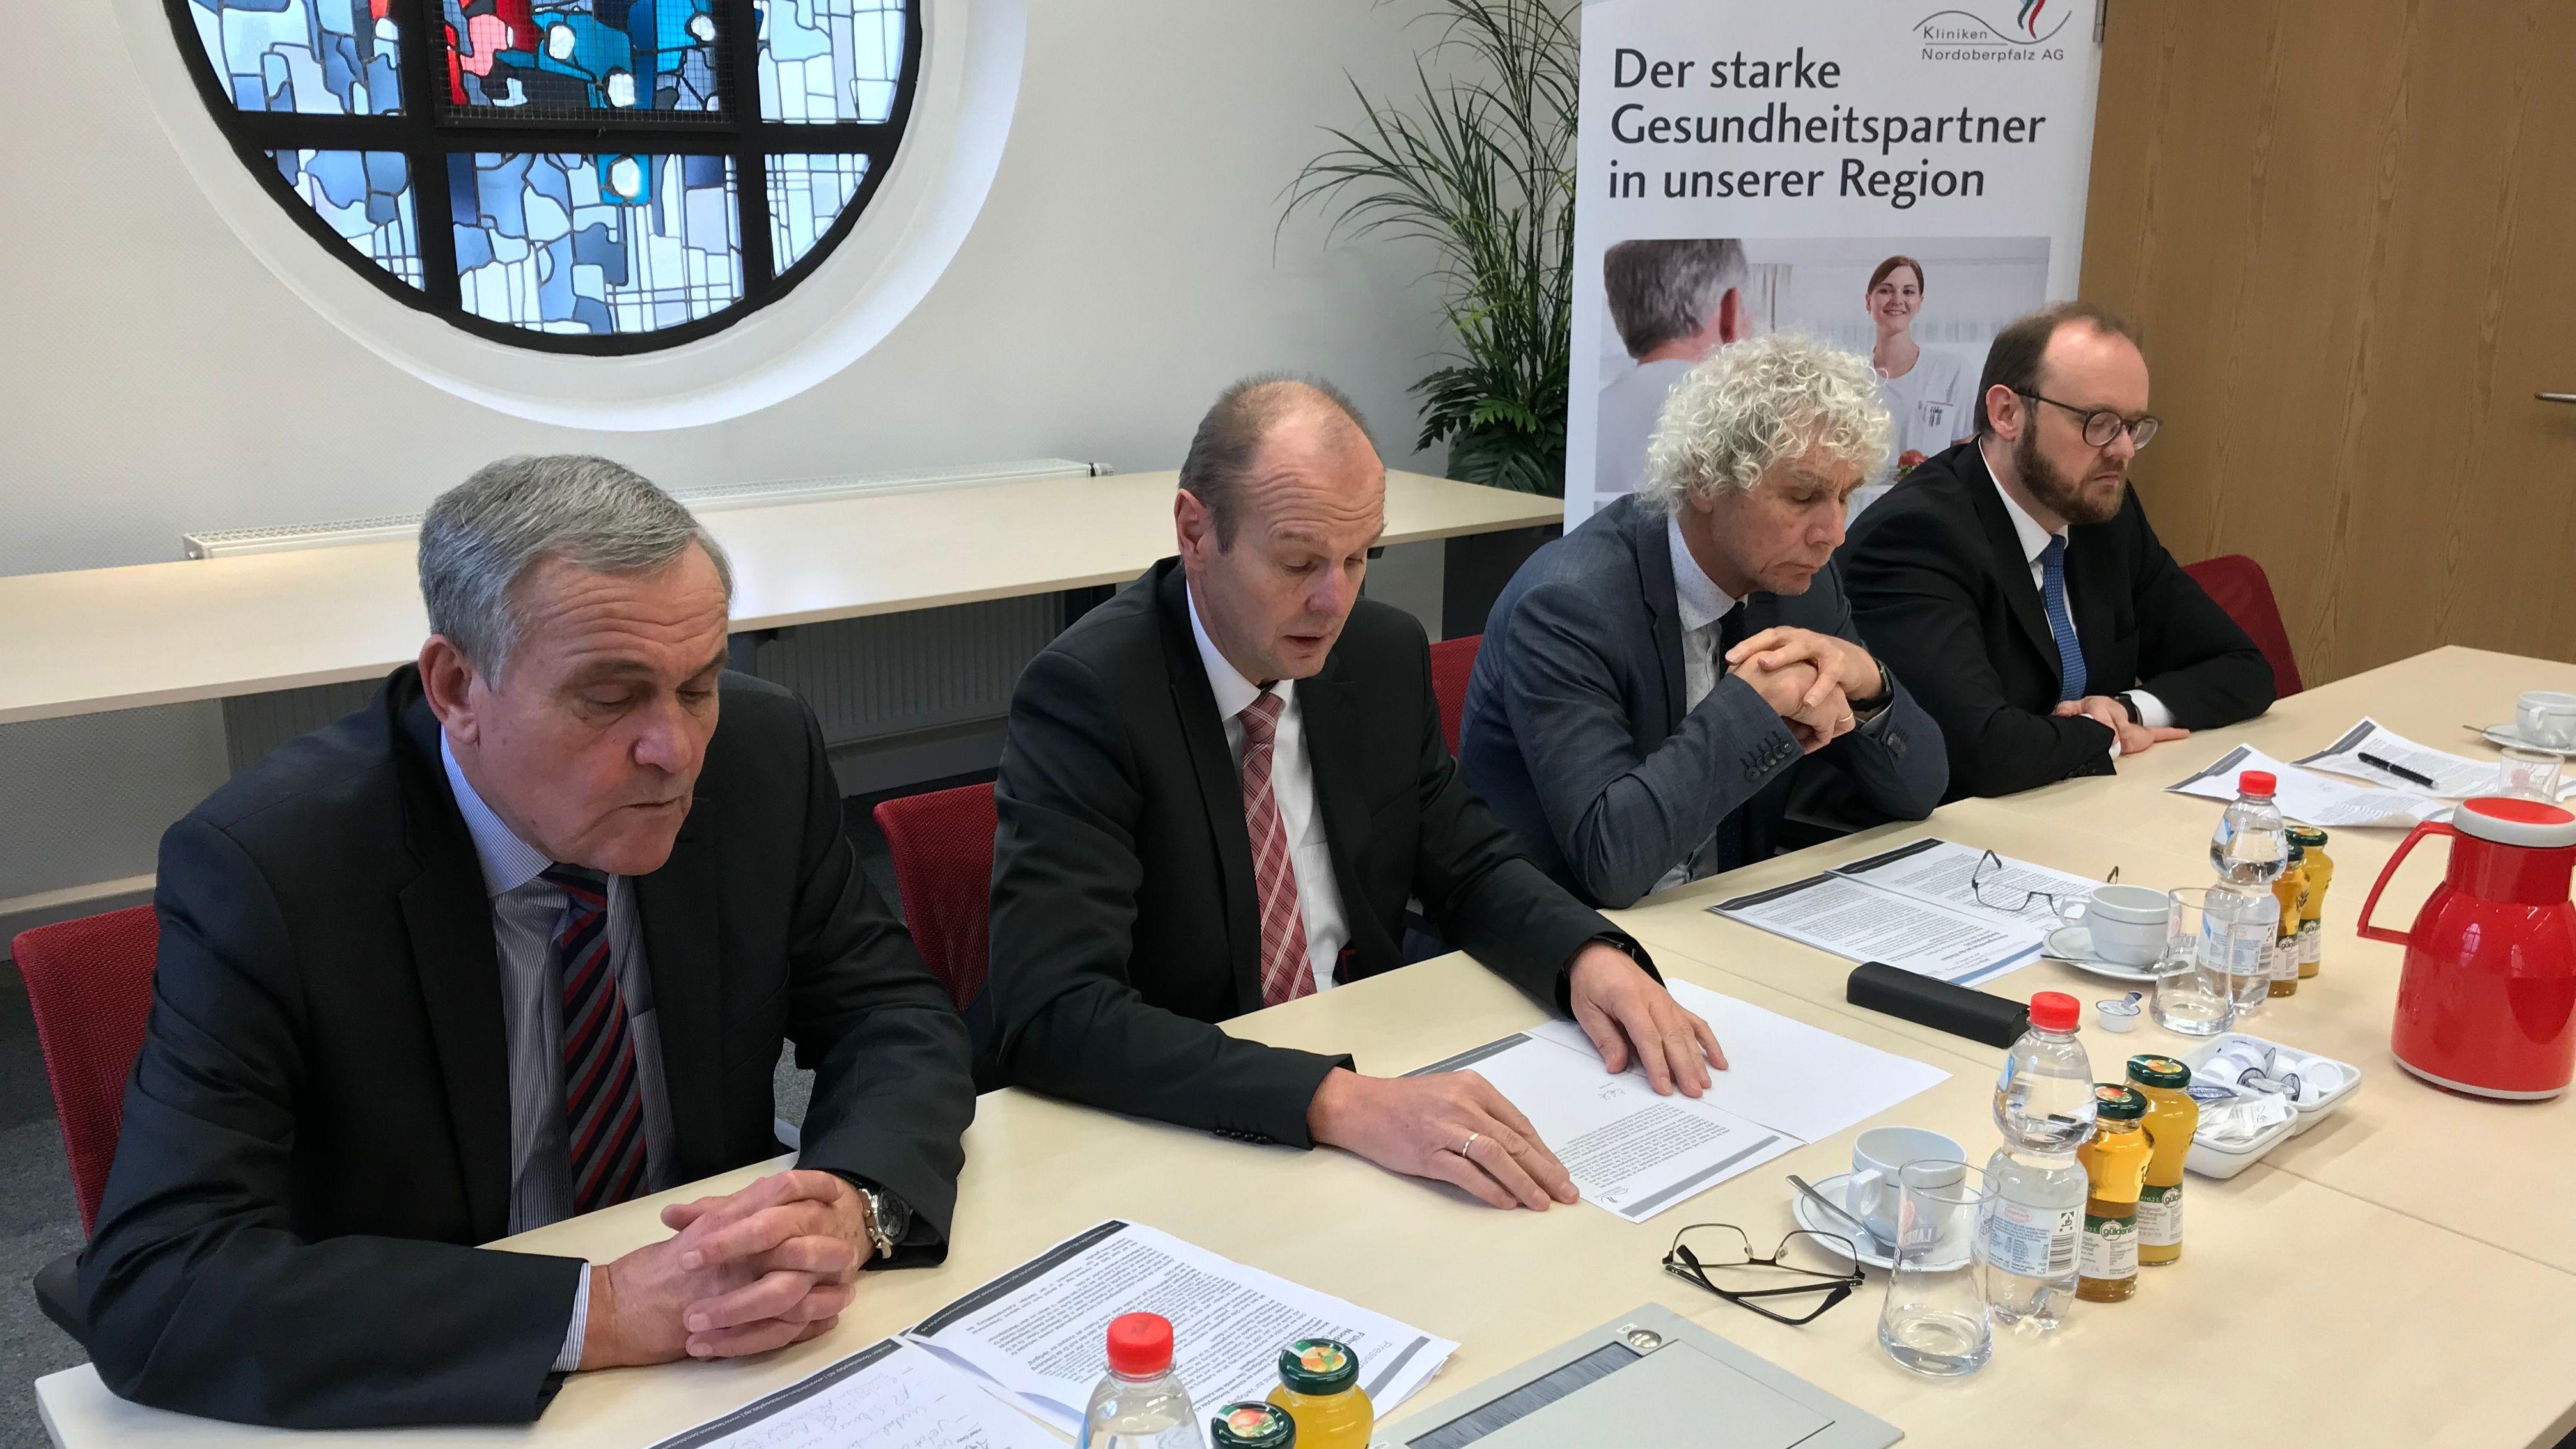 Josef Götz (Zweiter v.li.) tritt als Vorstand der Kliniken Nordoberpfalz AG zurück